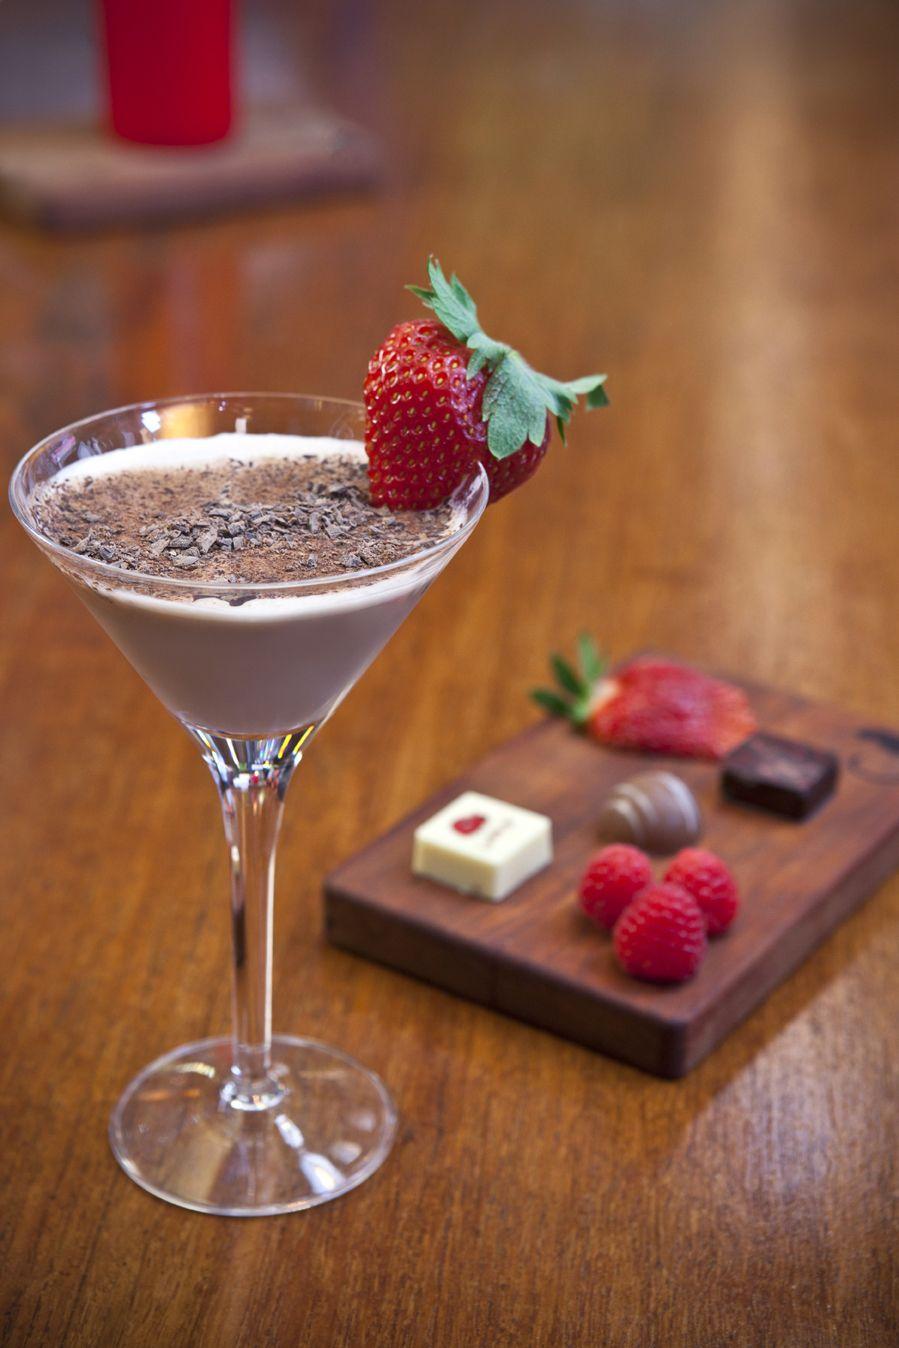 Mint Chocolate Martini at AYZA - Photo by AYZA Wine and Chocolate ...